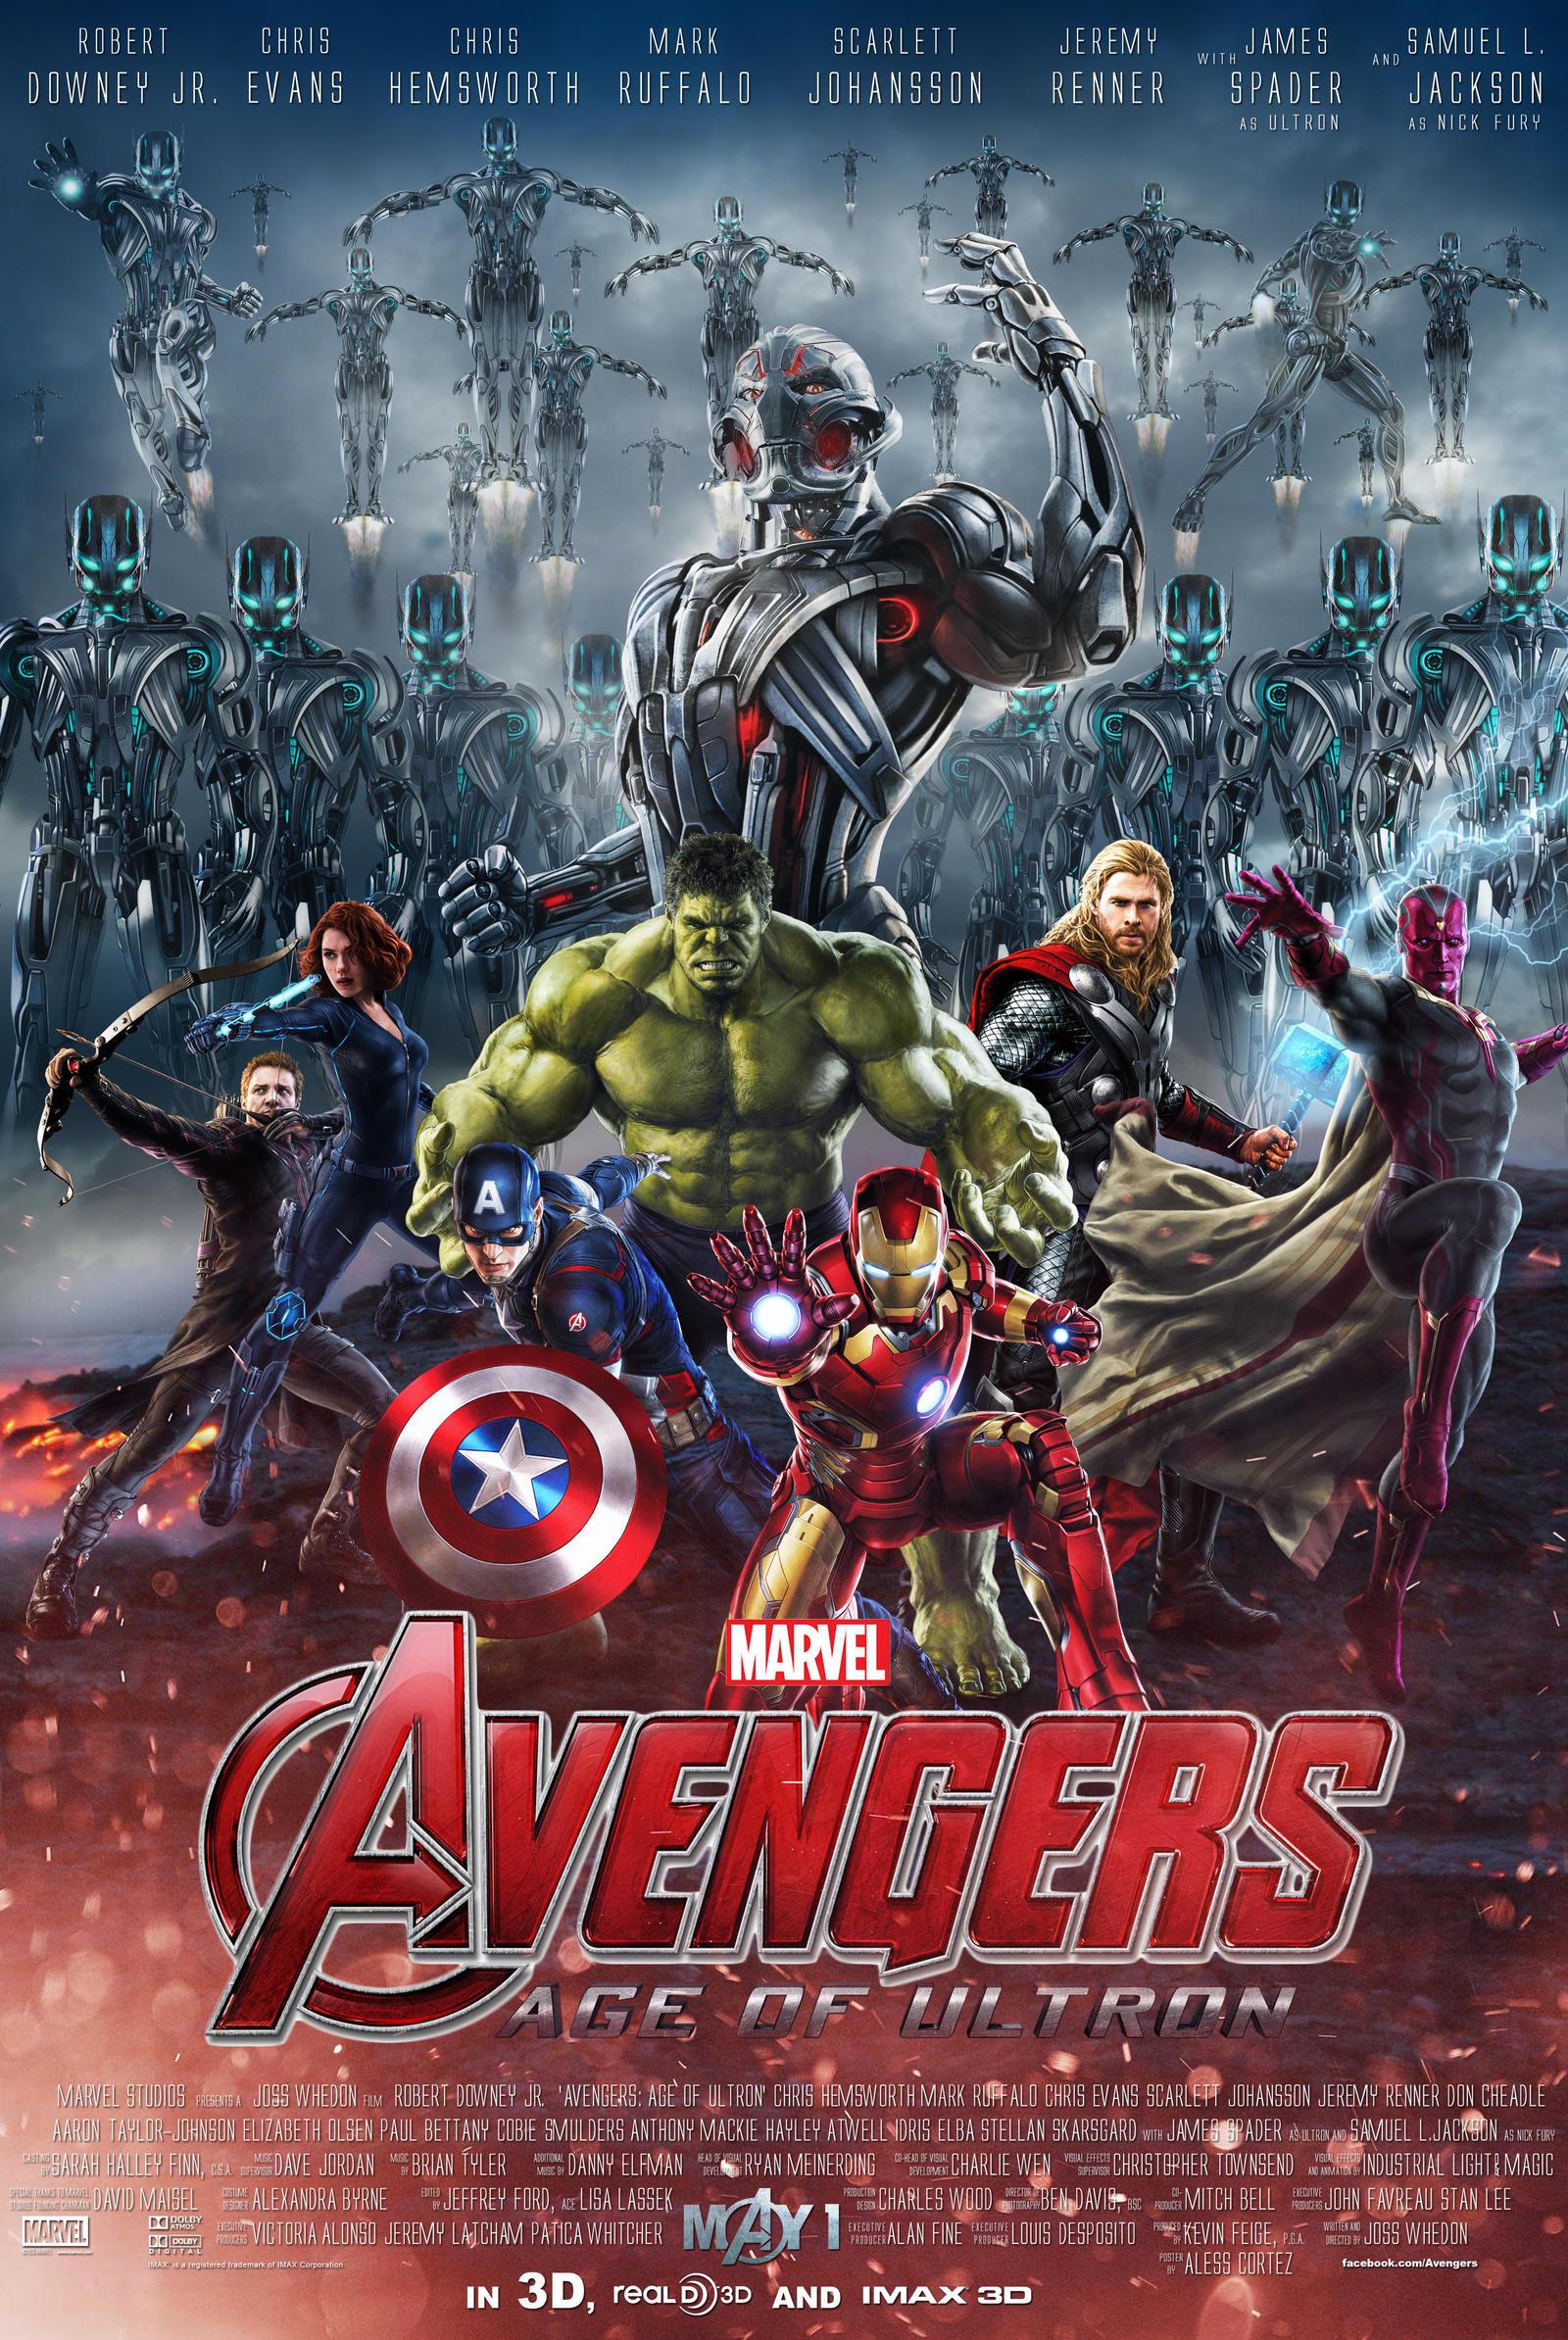 Avengers age of ultron fan poster by alesscortez on deviantart